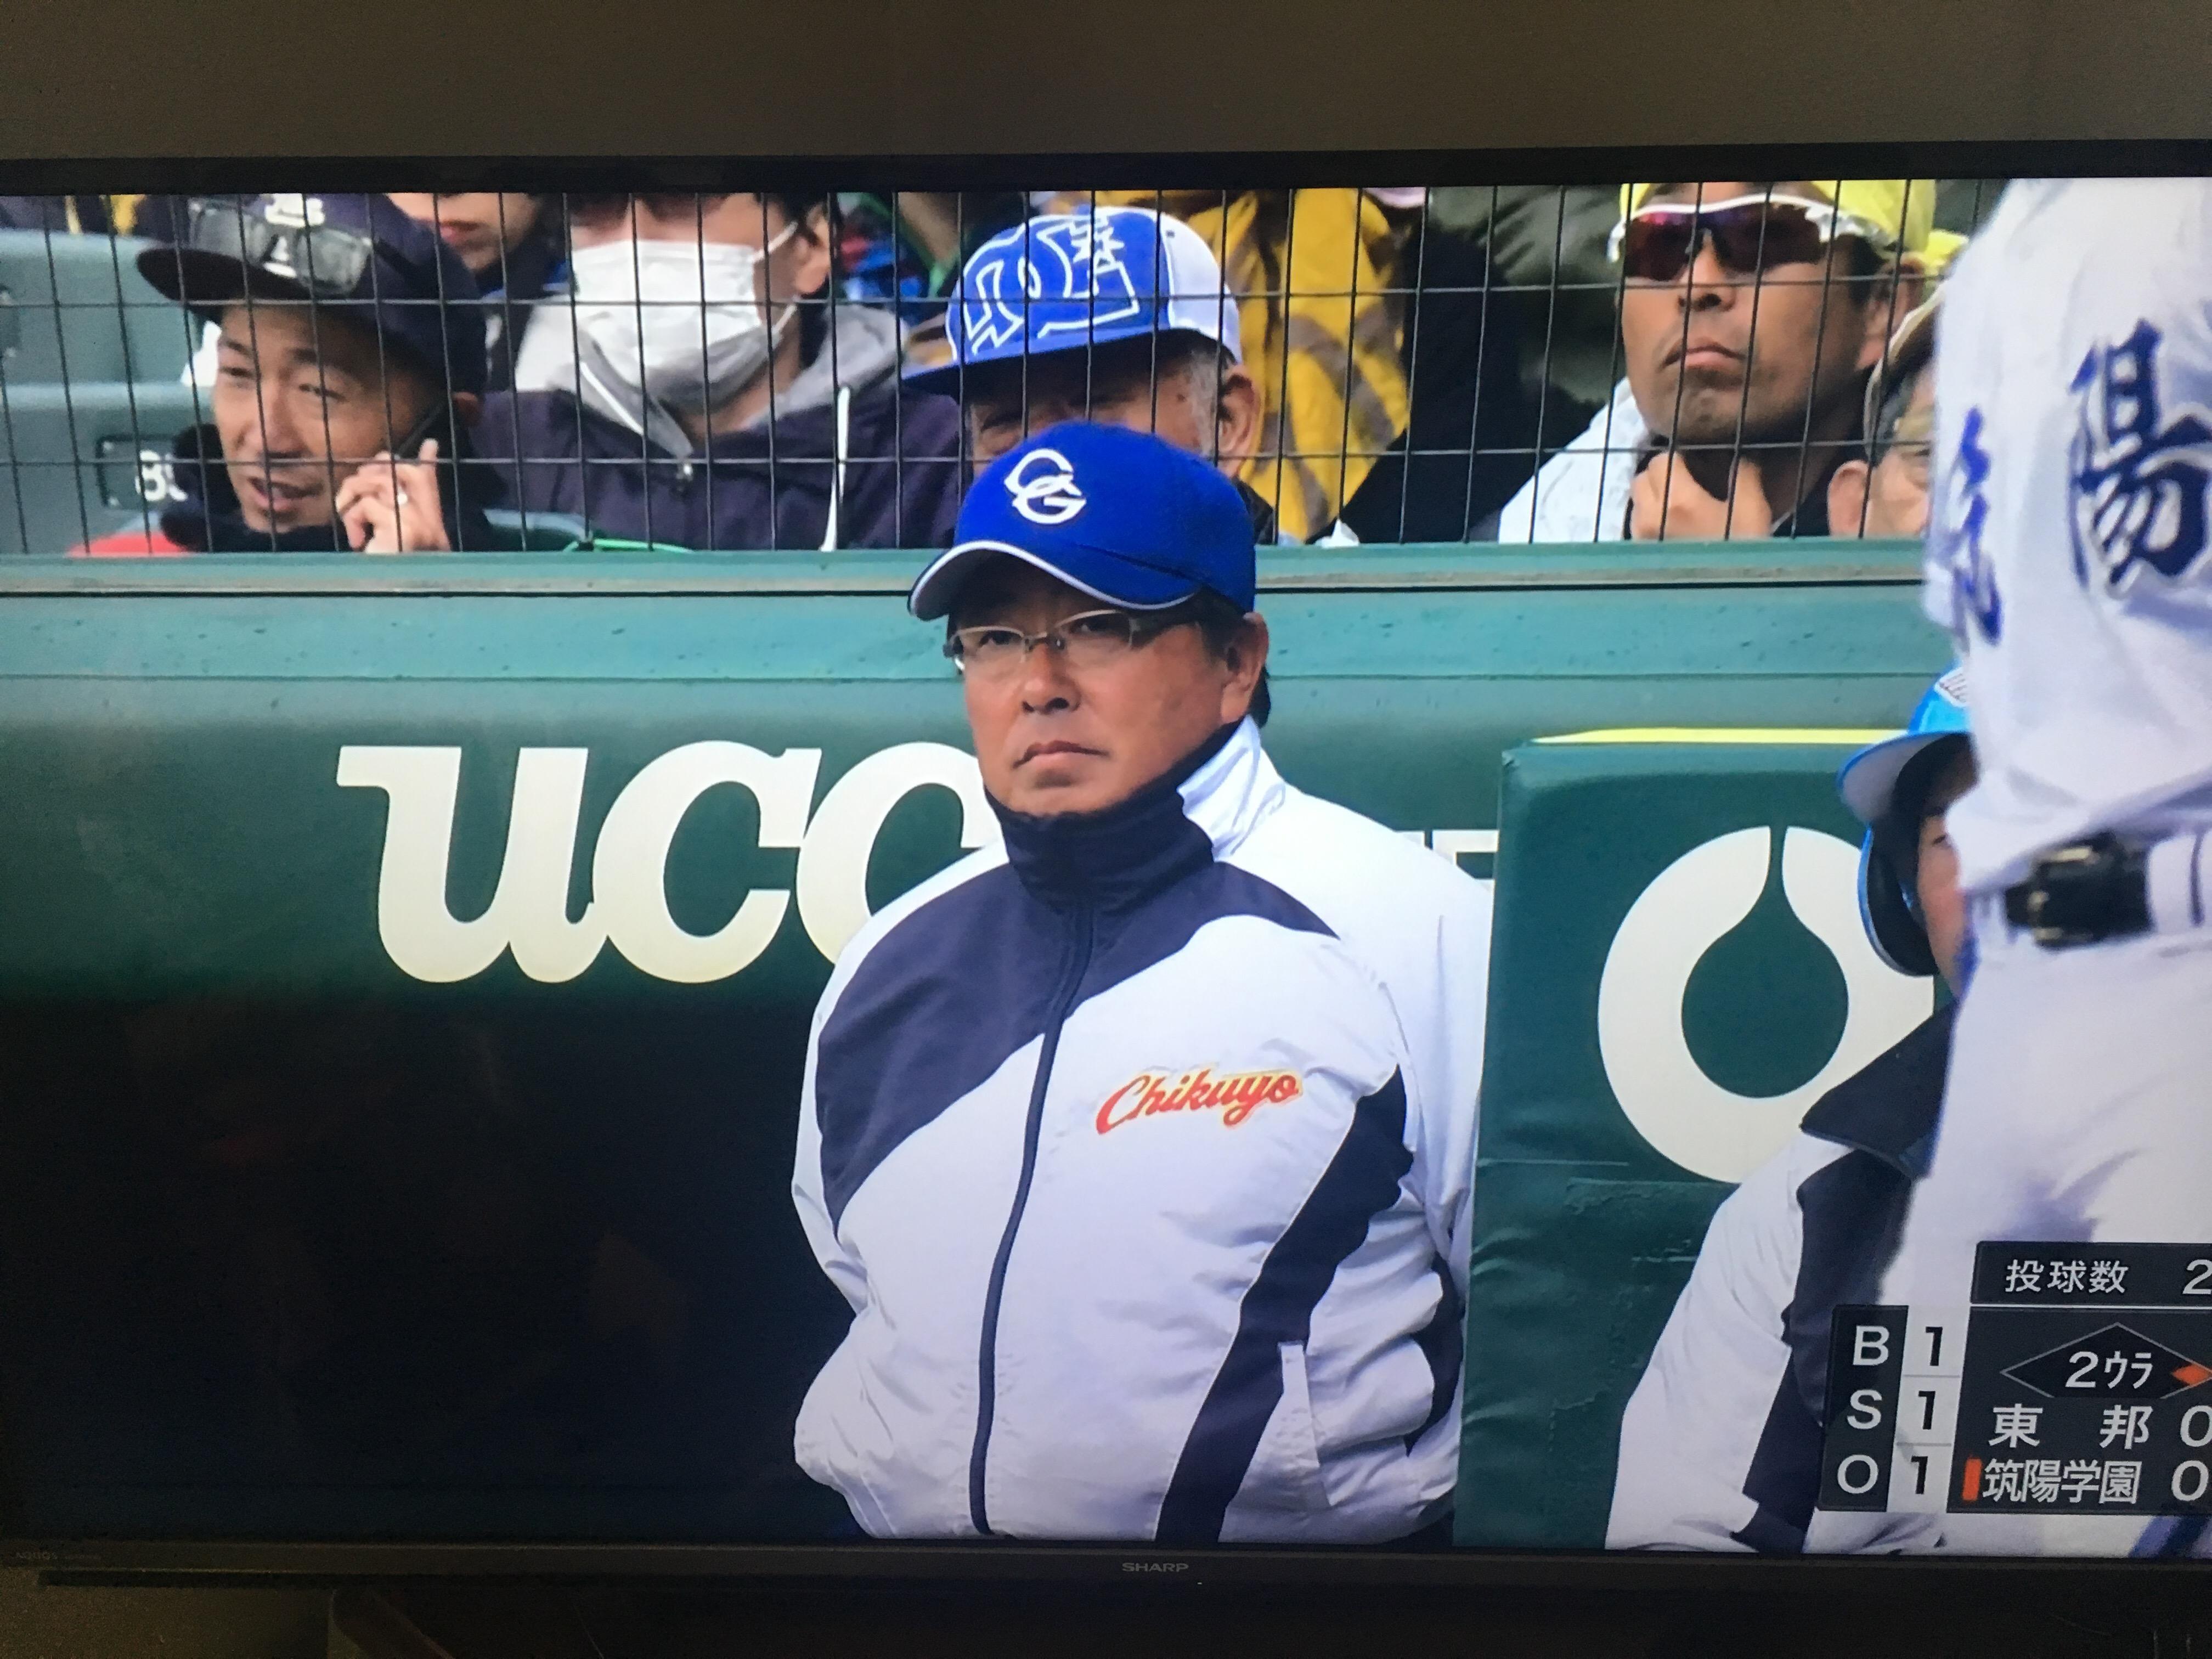 第91回選抜高校野球大会 筑陽学園 ベスト8!【YUMI BLOG  いつも元気 ♪】